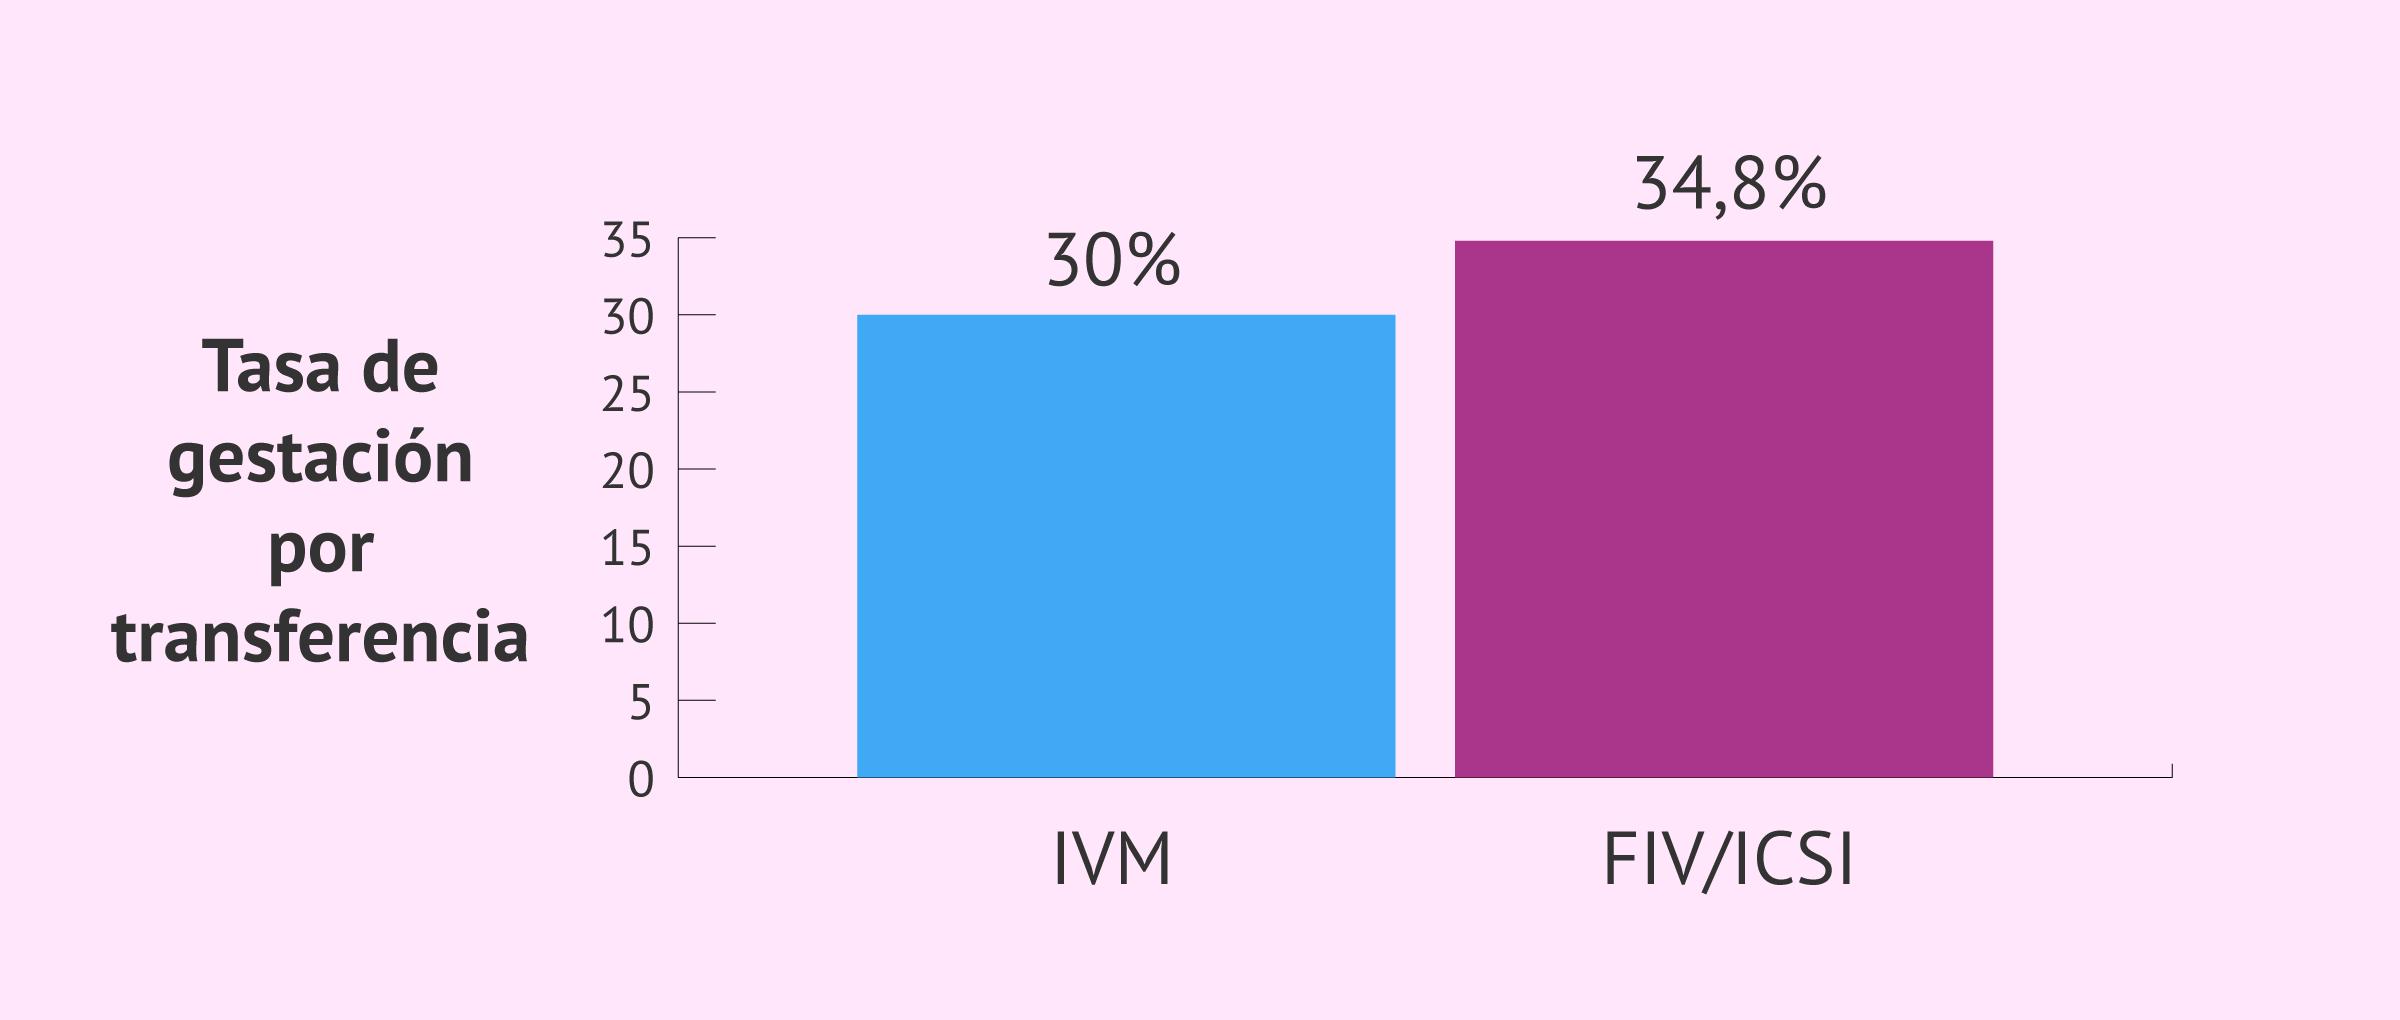 Tasa de gestación por transferencia IVM vs FIV/ICSI